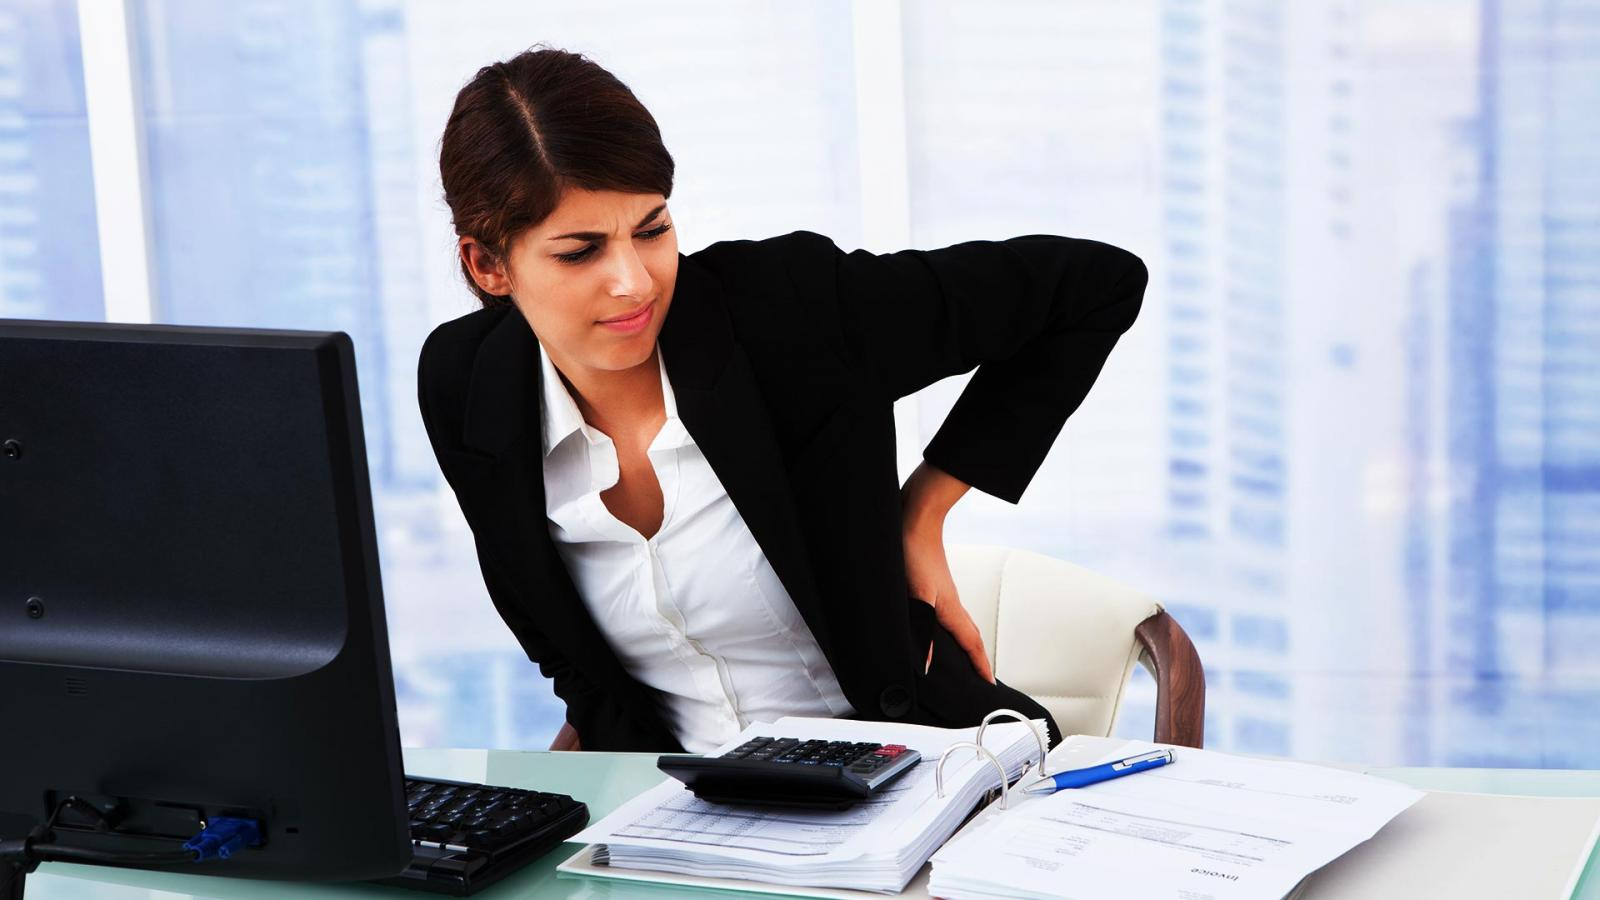 Móveis para escritório – Qual a postura correta na cadeira?